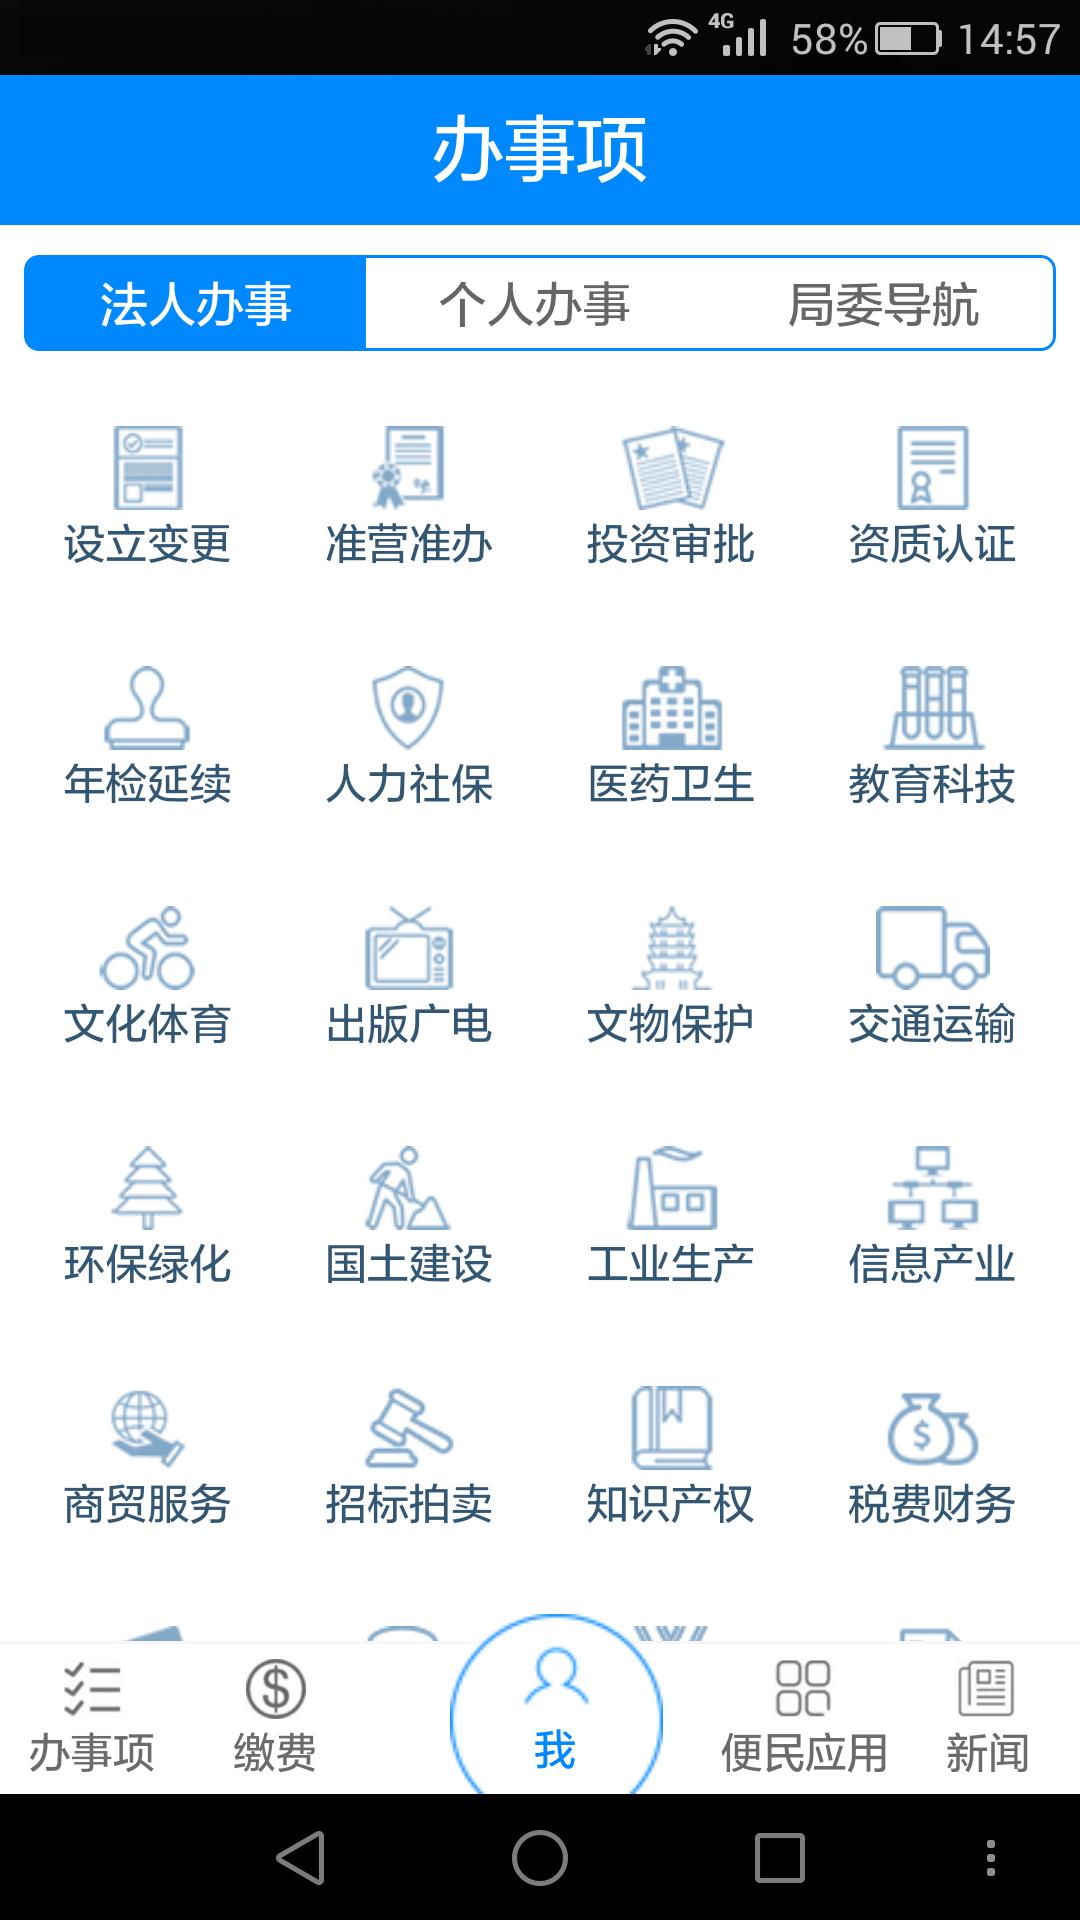 安阳市民之家官网app下载图5: